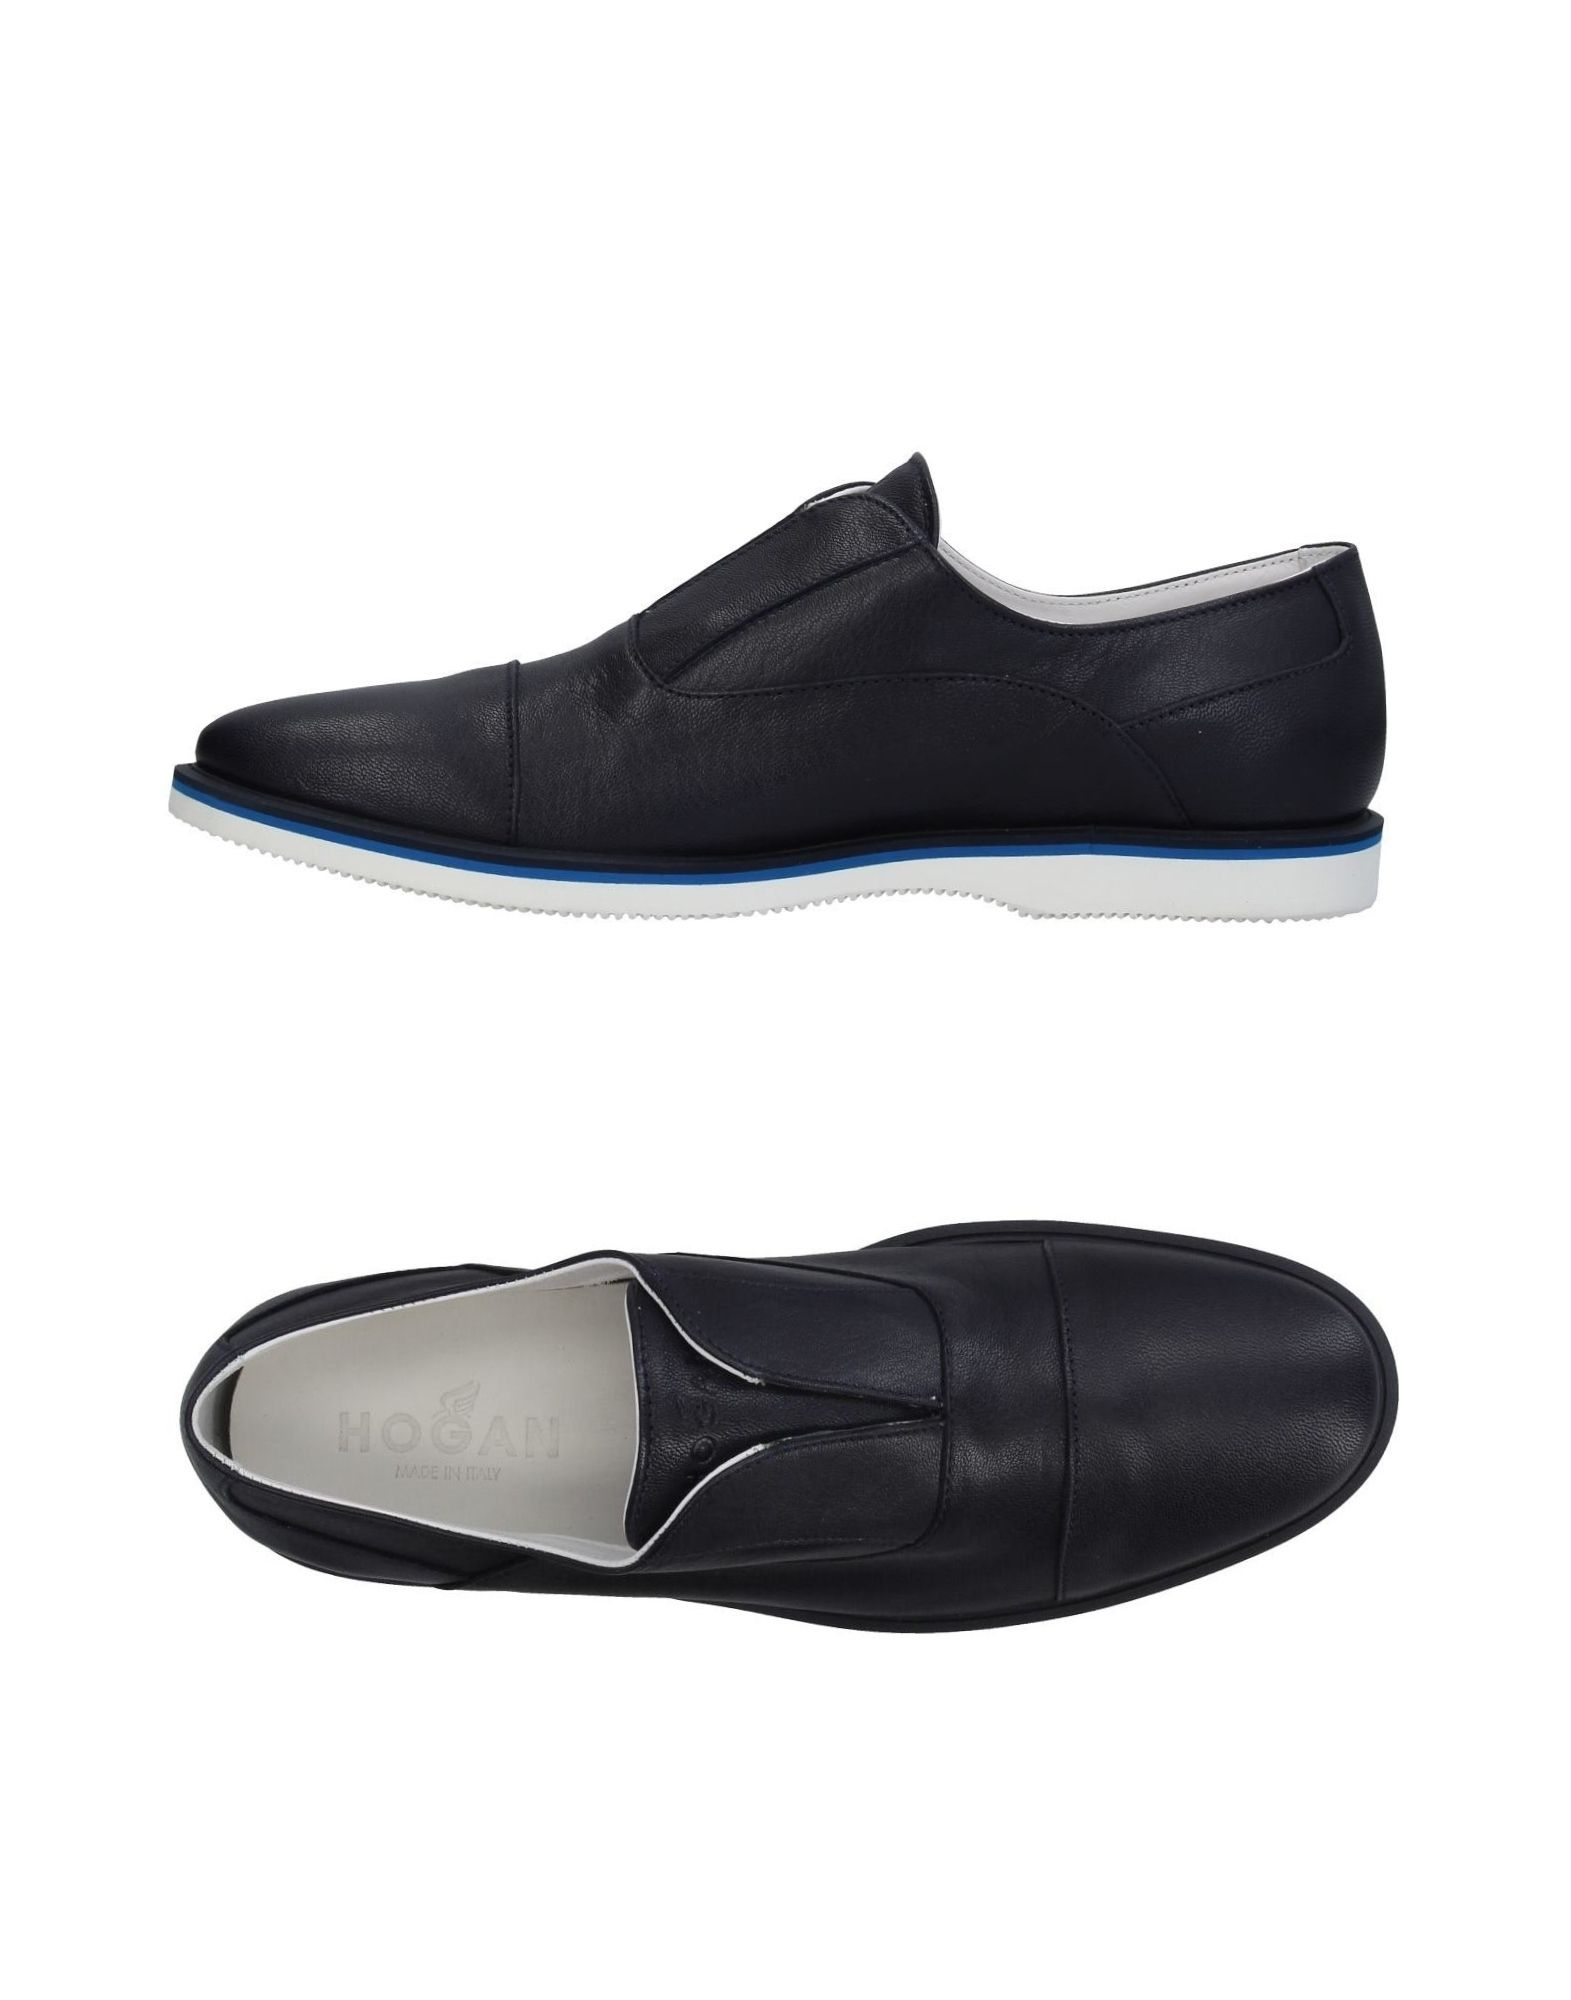 Hogan Mokassins Herren  11398967CI Gute Qualität beliebte Schuhe